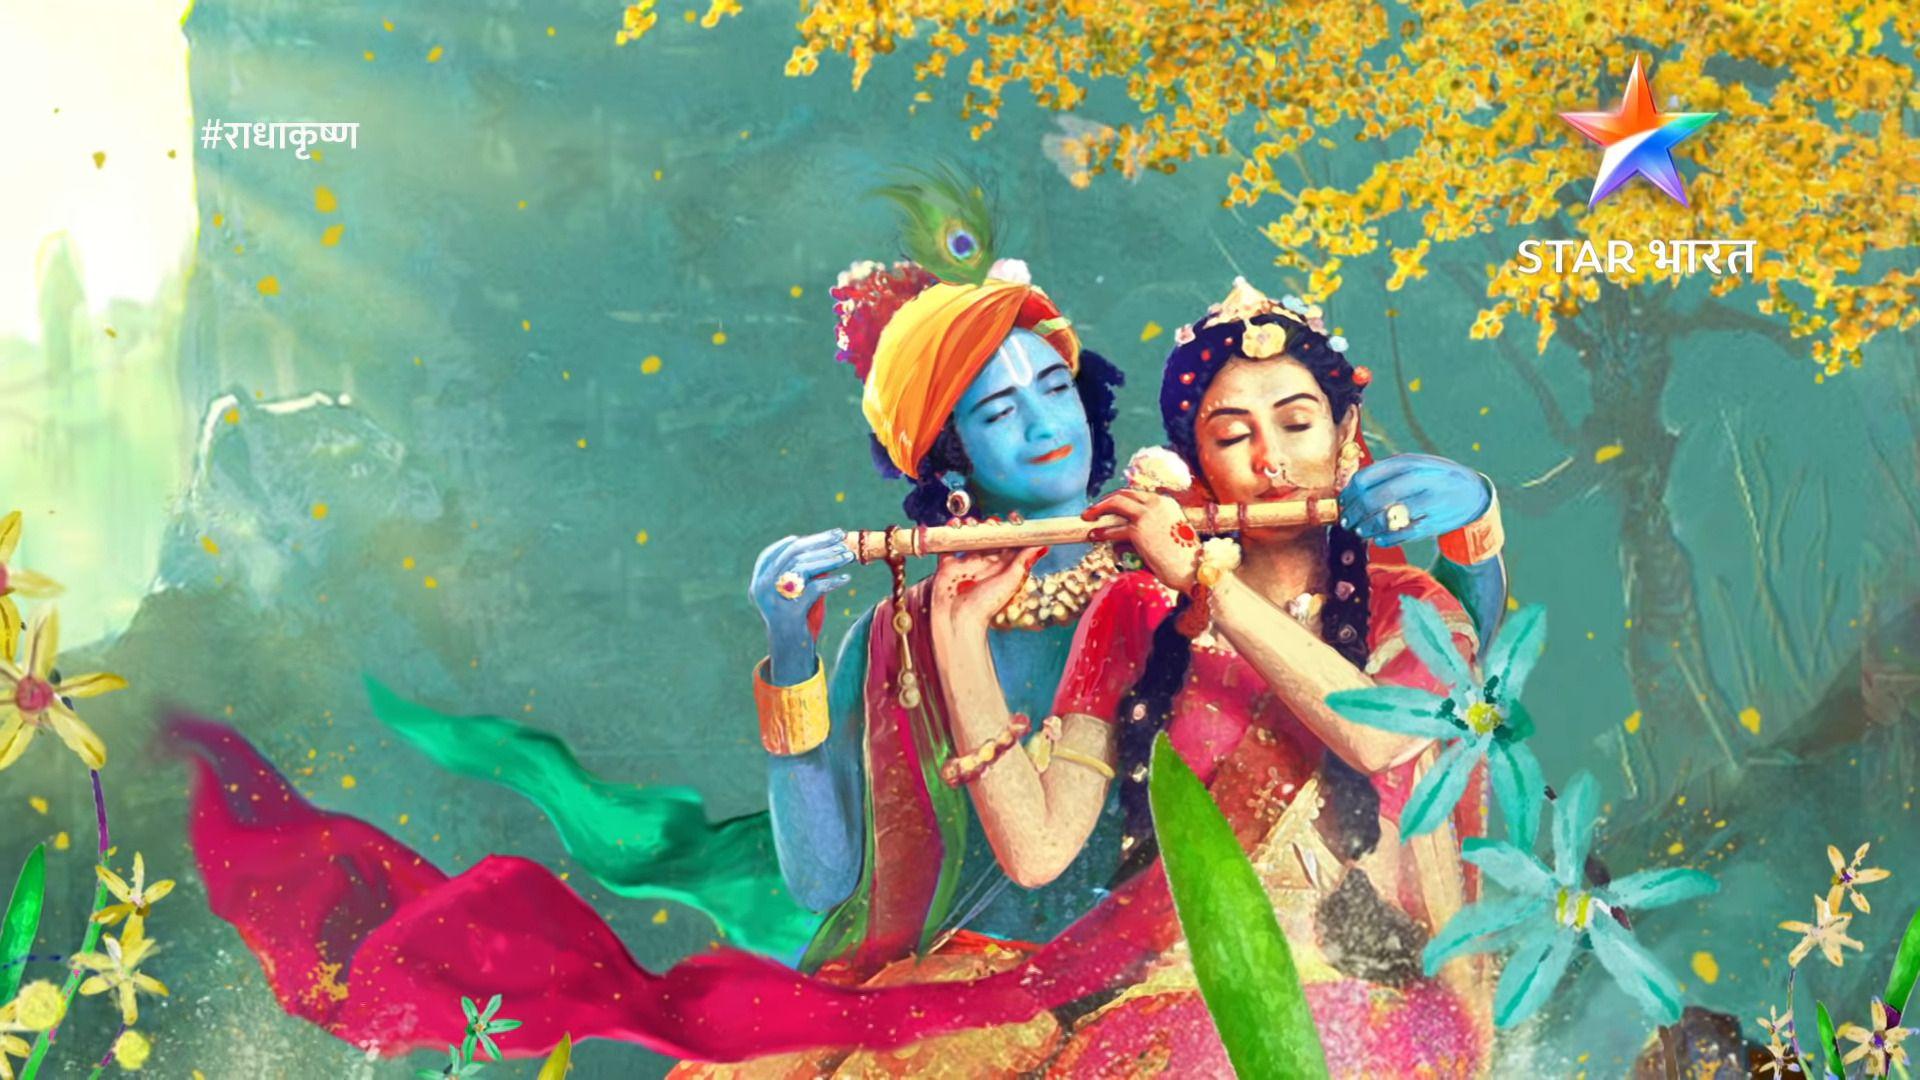 radha krishna star bharat